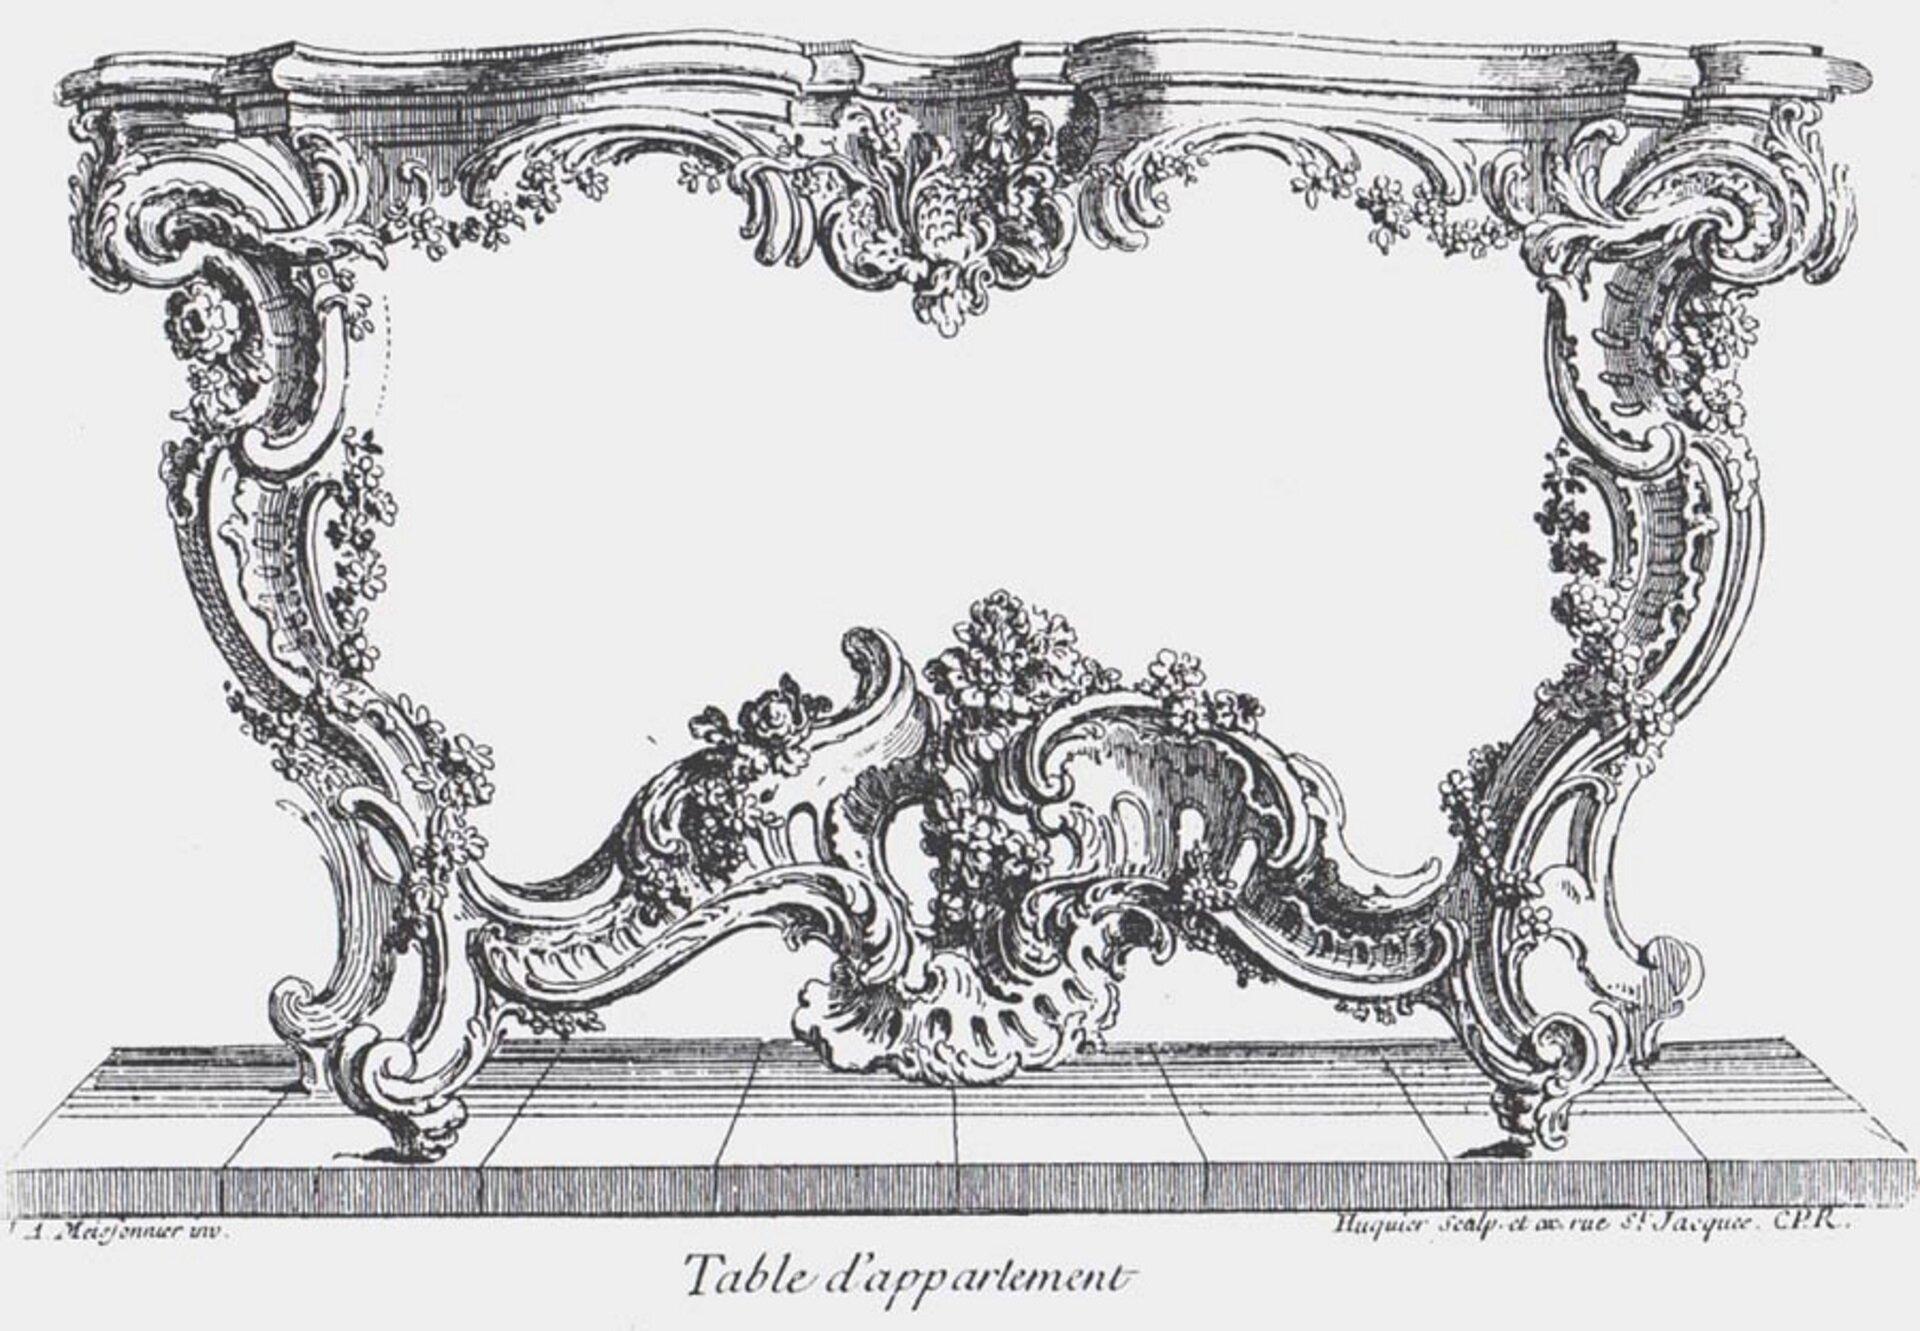 Ilustracja przedstawia projekt stolika narysowany przez Juste Aurèle Meissoniera. Szkic jest czarno-biały, widać na nim nieprzeciętny stolik, uwage wzbudza duża ilość drobnych detali oraz lekka budowa stolika, jest on powyginany wwiele stron. Projekt stanowi jednolitą symetryczną całość.